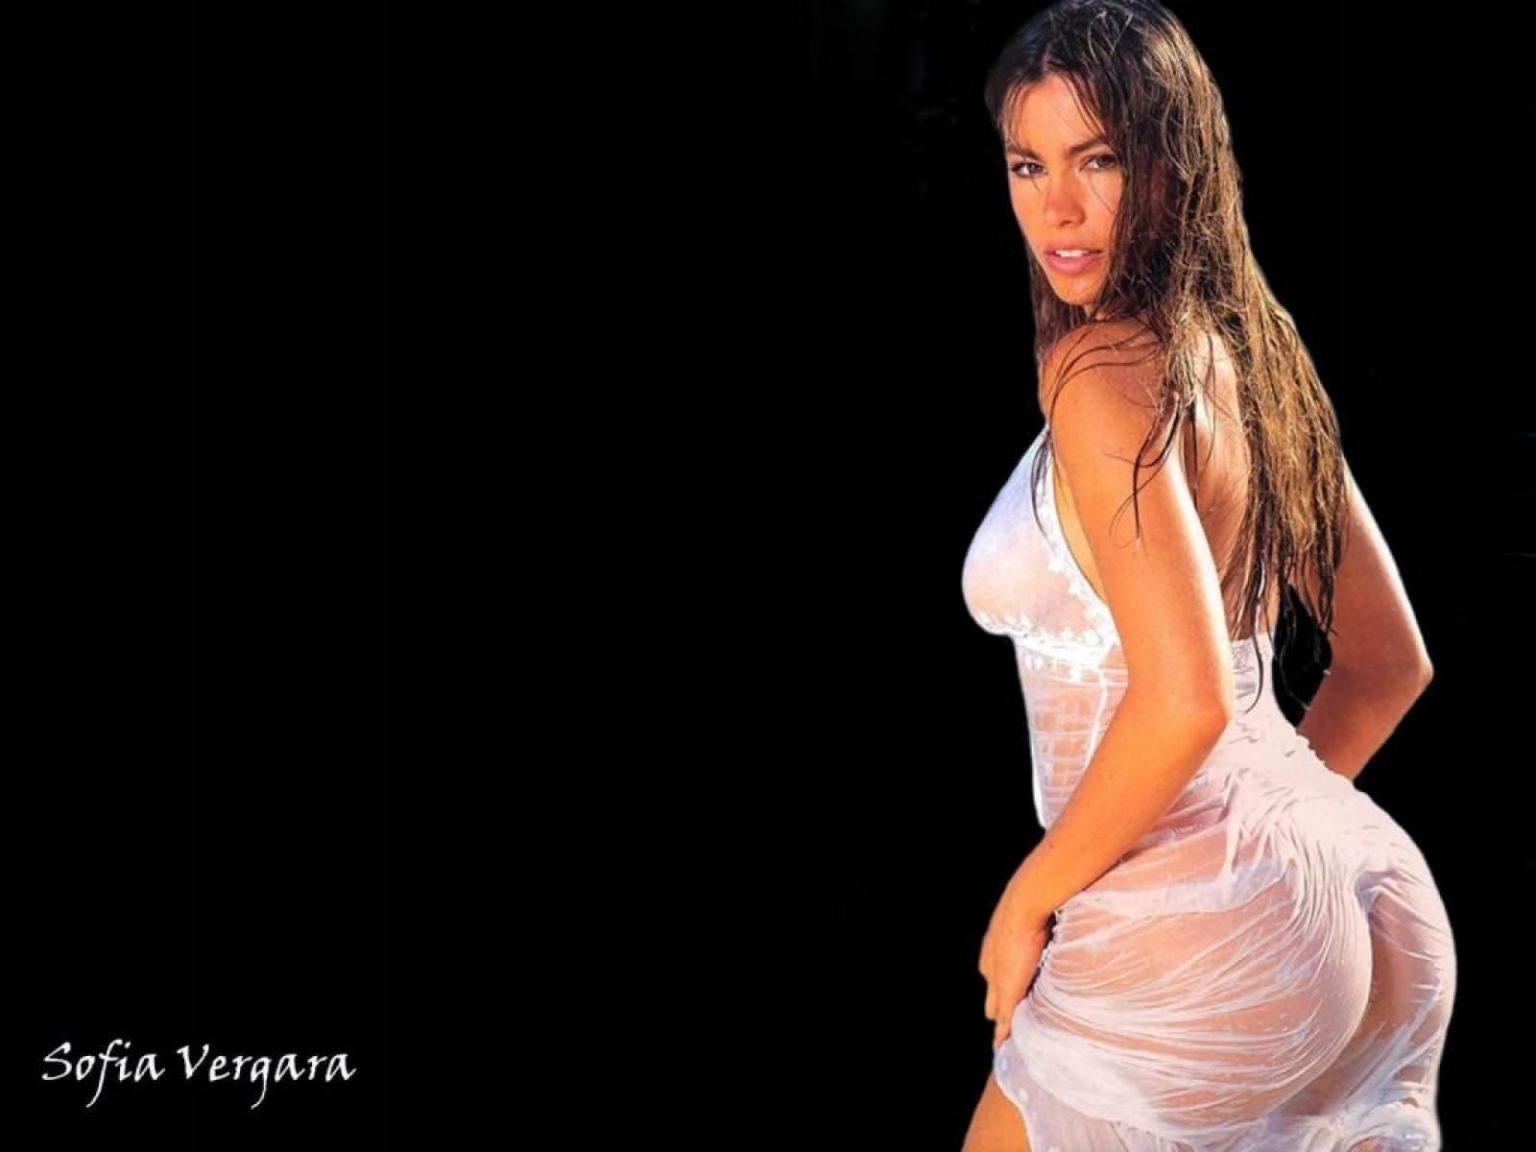 10 fotos potentes de Sofía Vergara